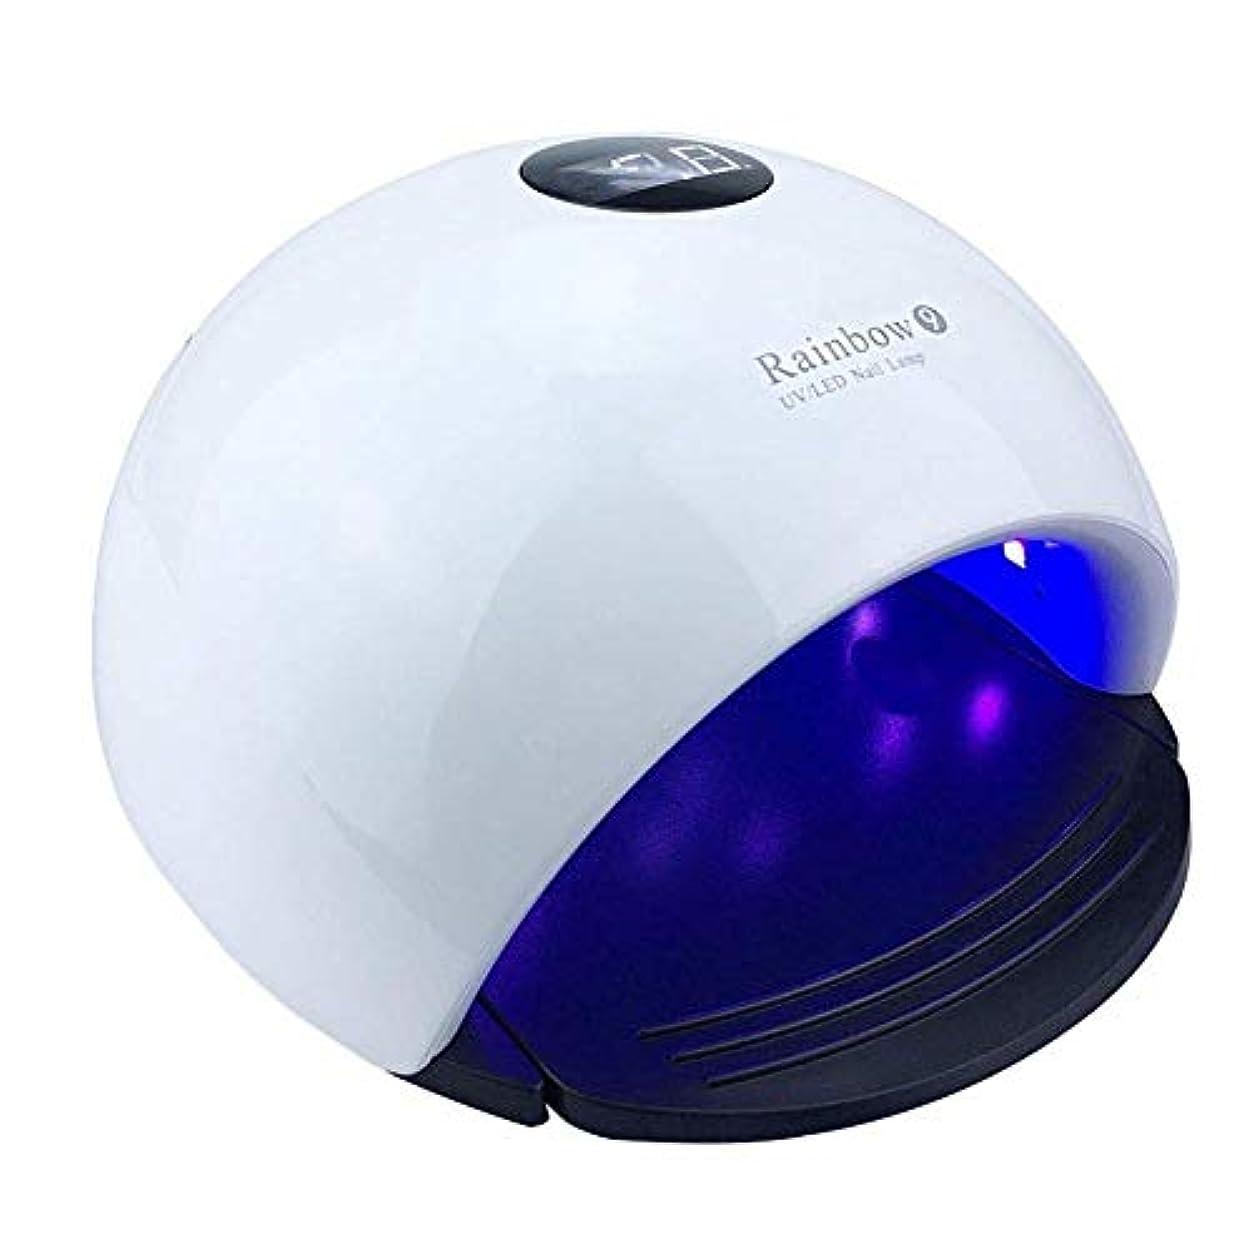 端末海外で船ネイルドライヤーRainbow 9 UV Light 48Wネイルドライヤー24個入りLEDランプネイル用UV LEDネイルランプジェルネイル用硬化ポリッシュマニキュアツール、写真の色